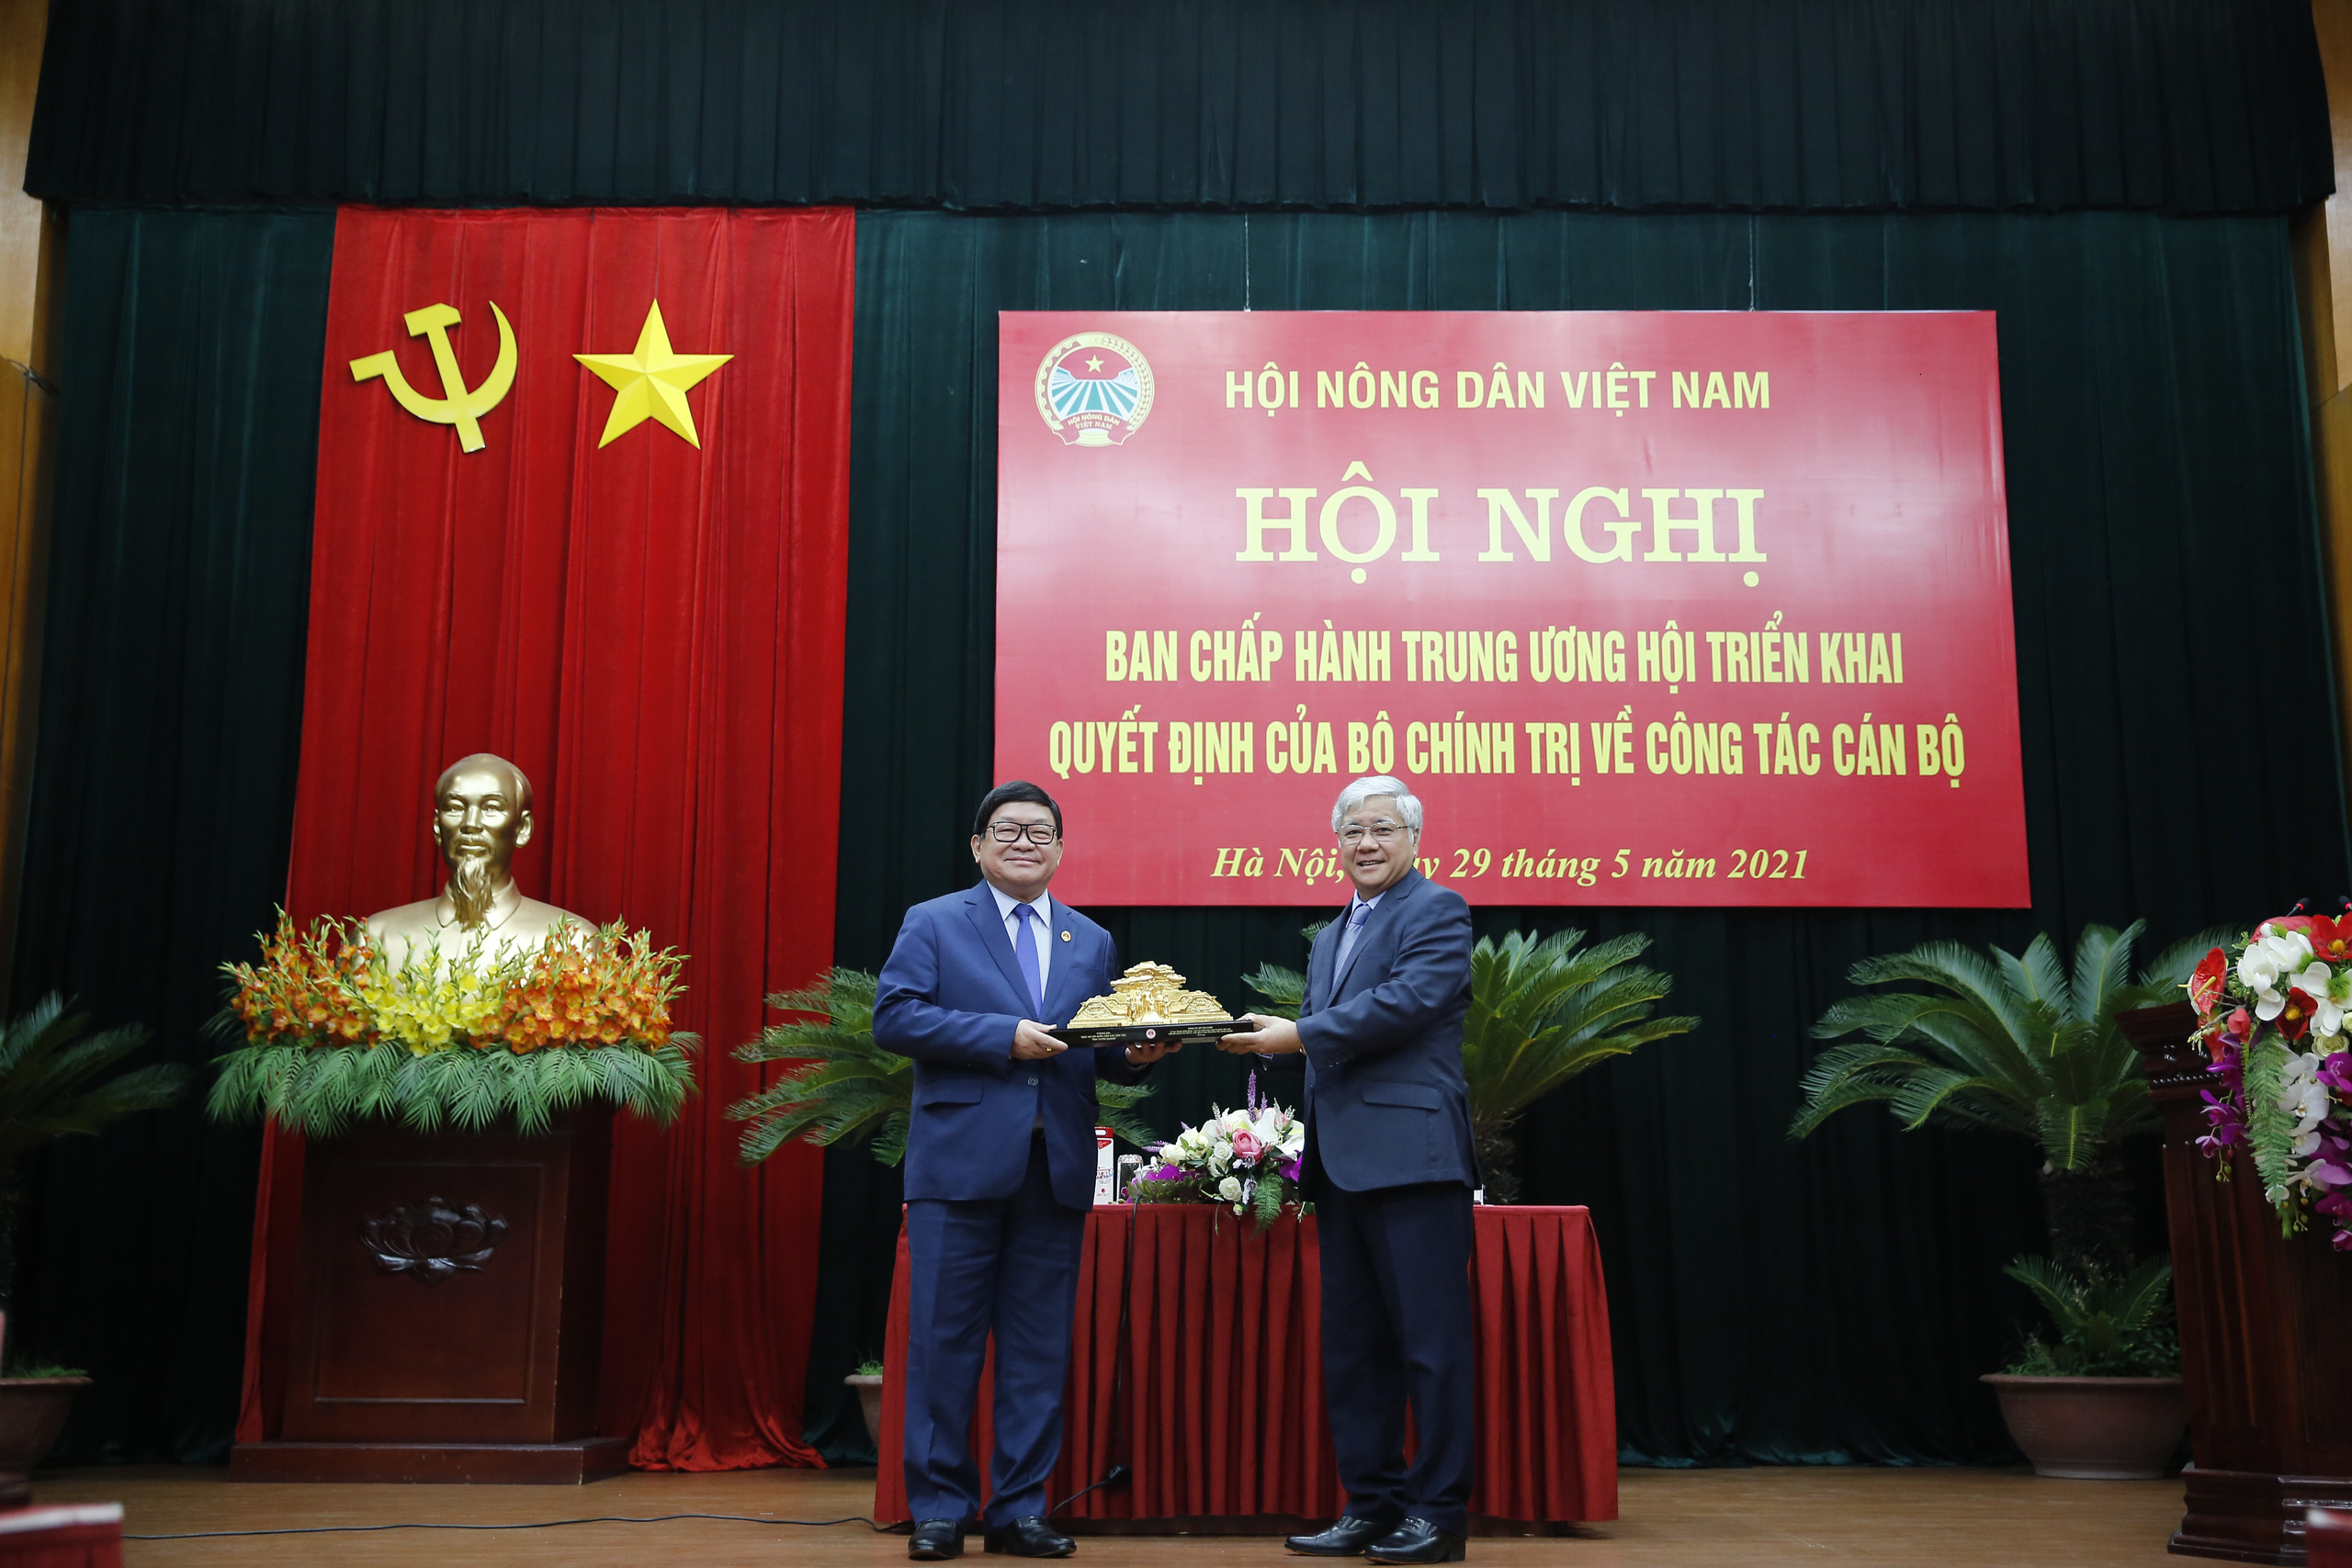 Ông Lương Quốc Đoàn đảm nhận chức Bí thư Đảng đoàn T.Ư Hội Nông dân Việt Nam - Ảnh 5.